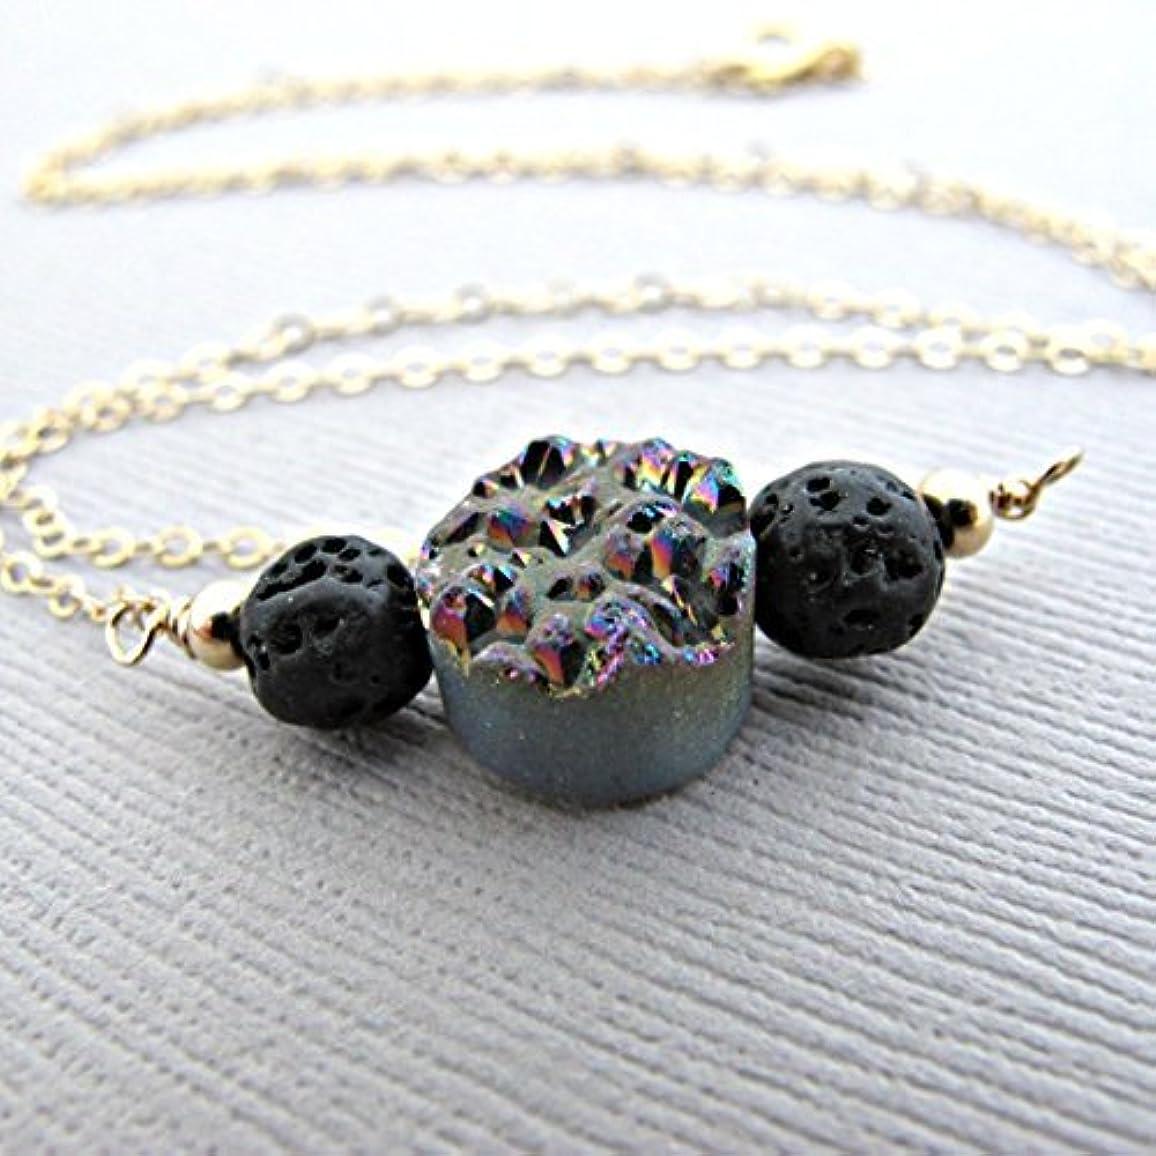 国民投票傾斜振動させるRainbow Druzy Lava Pendant Essential Oil Necklace Diffuser Aromatherapy - Simple Minimalist Lava Bead Diffuser...